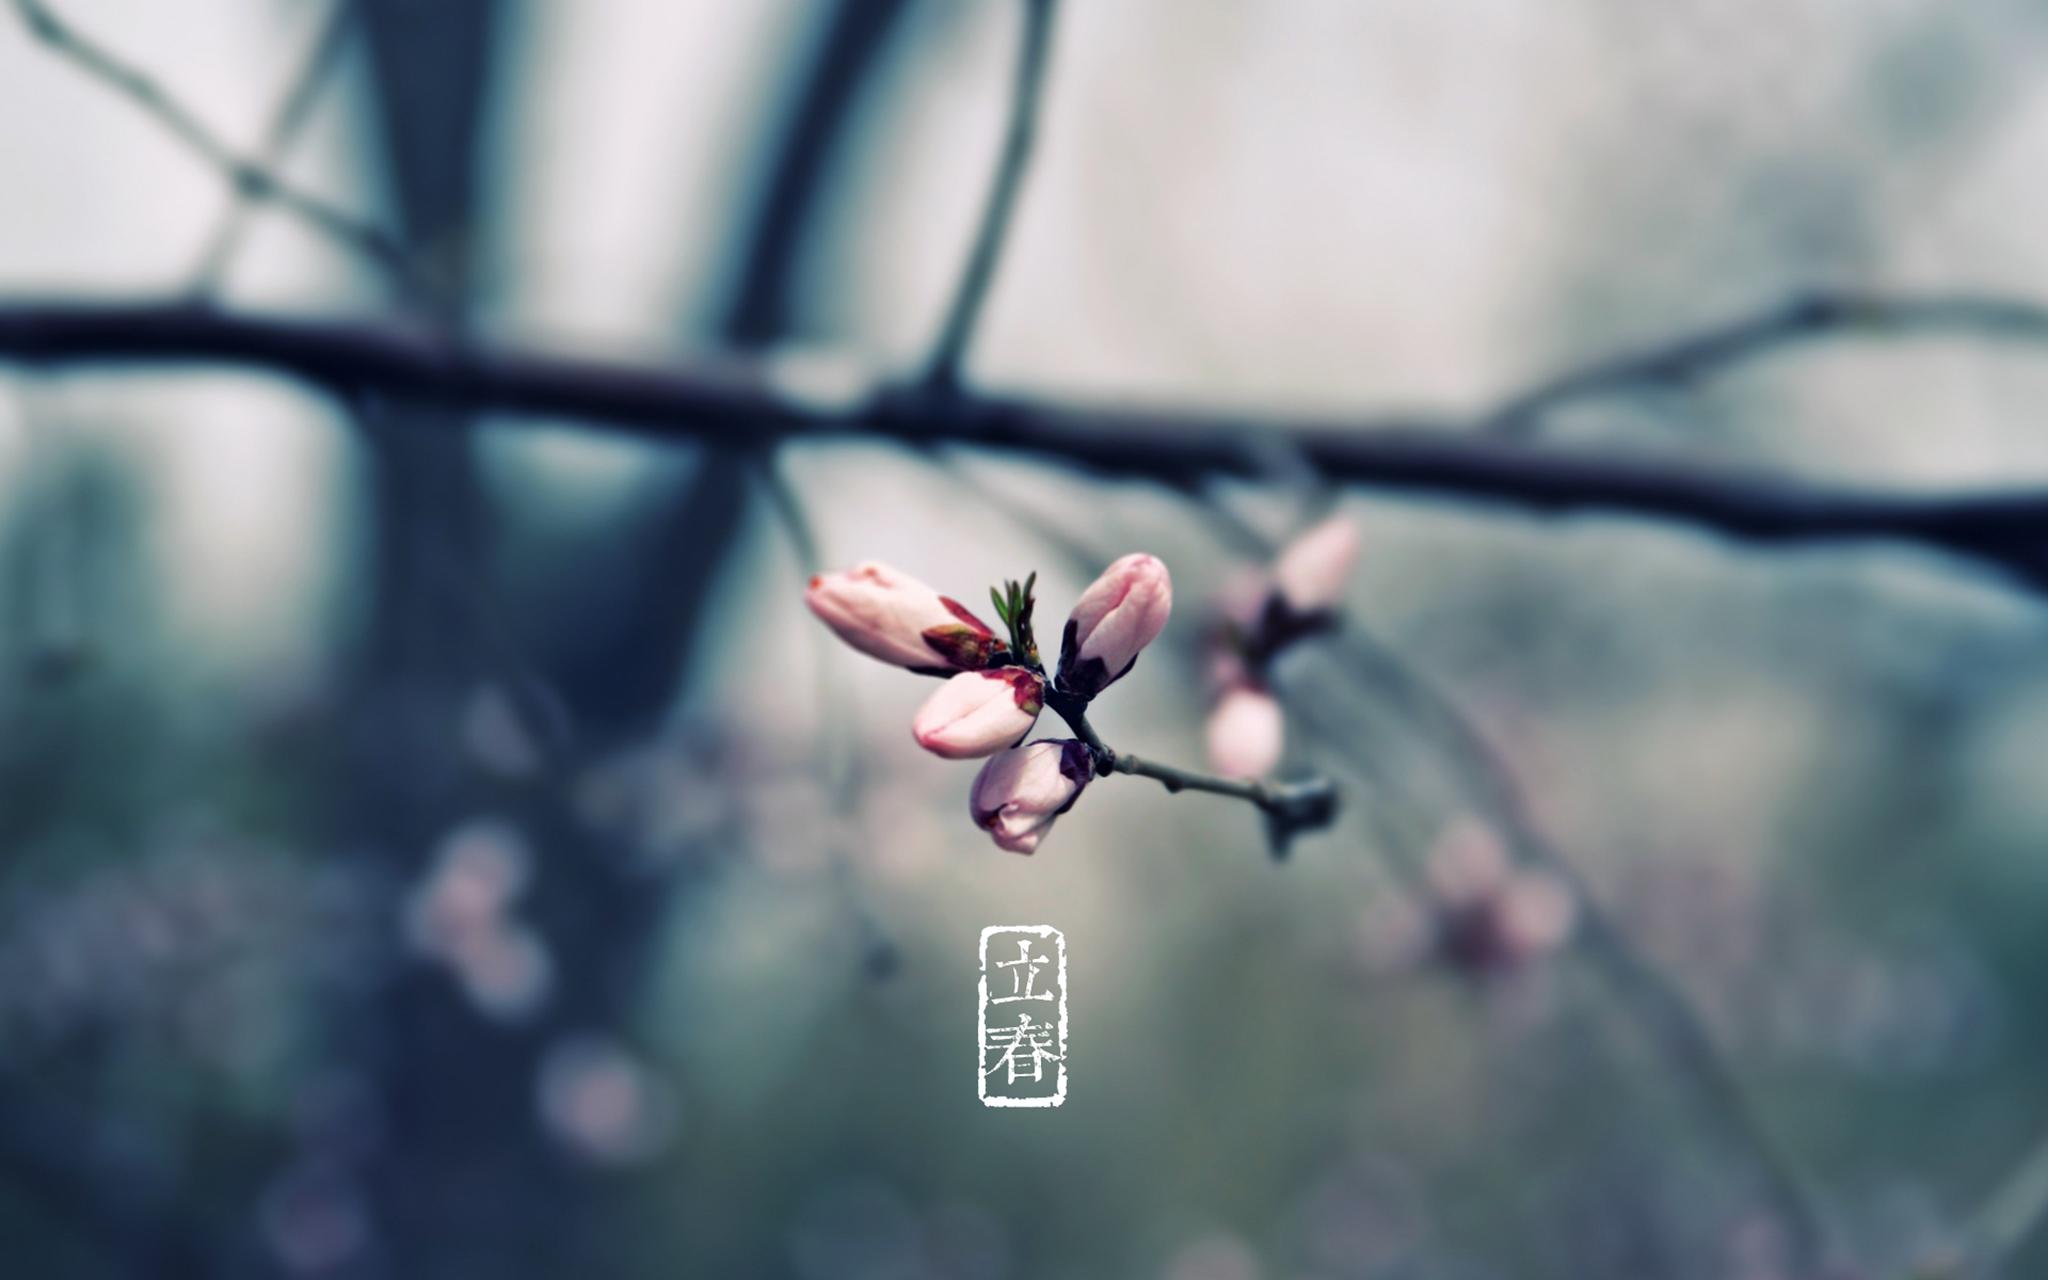 立春 Li Chun – Princípio da Primavera